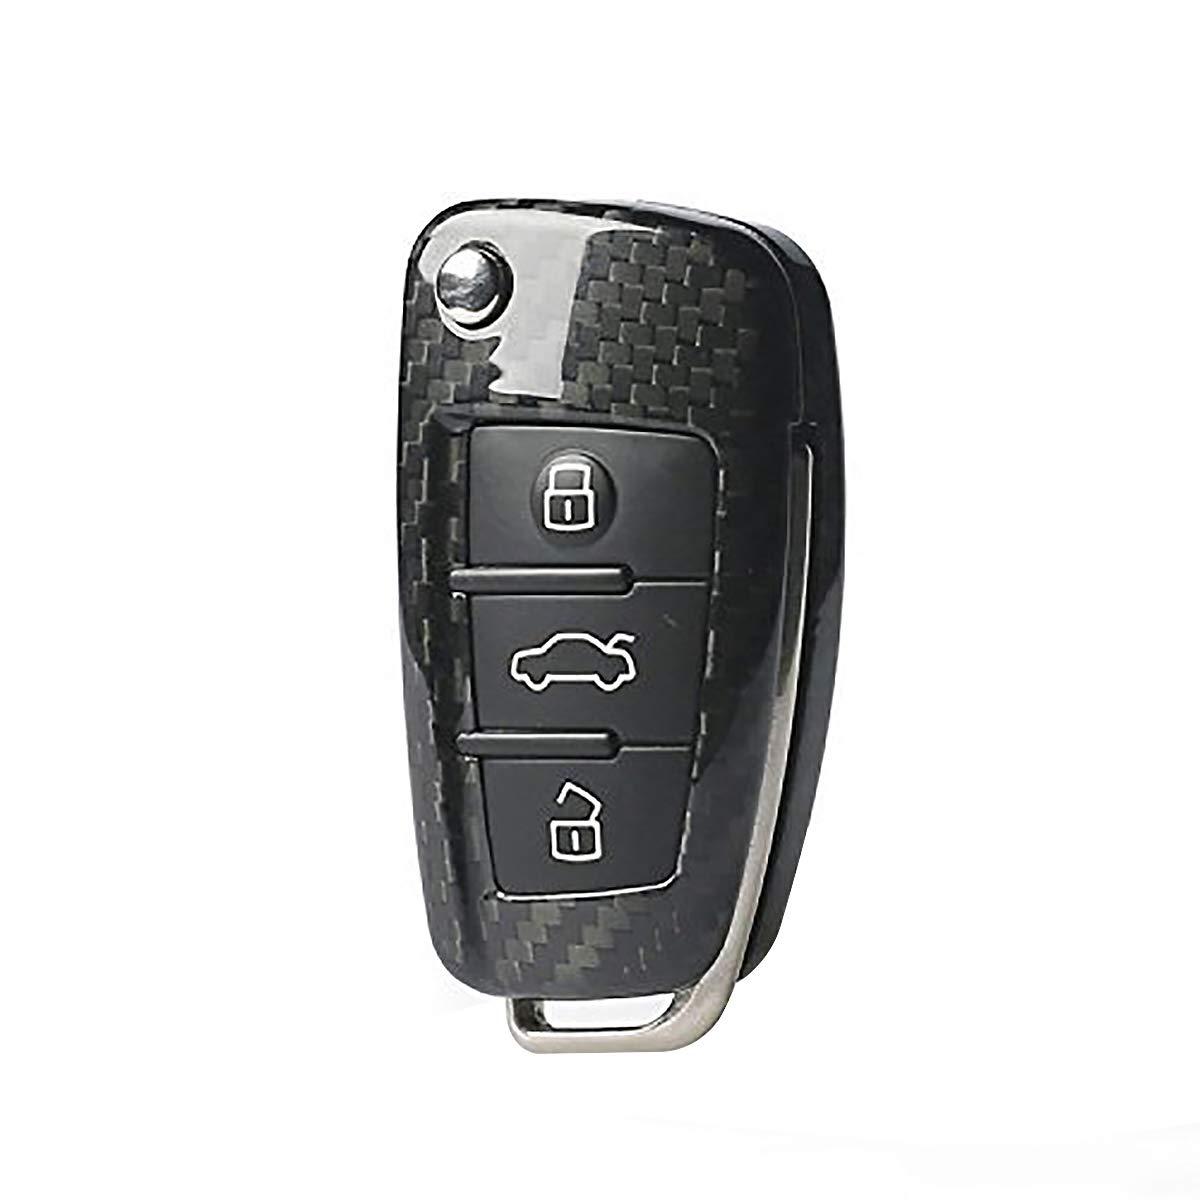 Funda protectora T-Carbon para mando a distancia 3k de Audi A1 A3 A4L A6 Q3 Q7 TT S3 S6 Q3